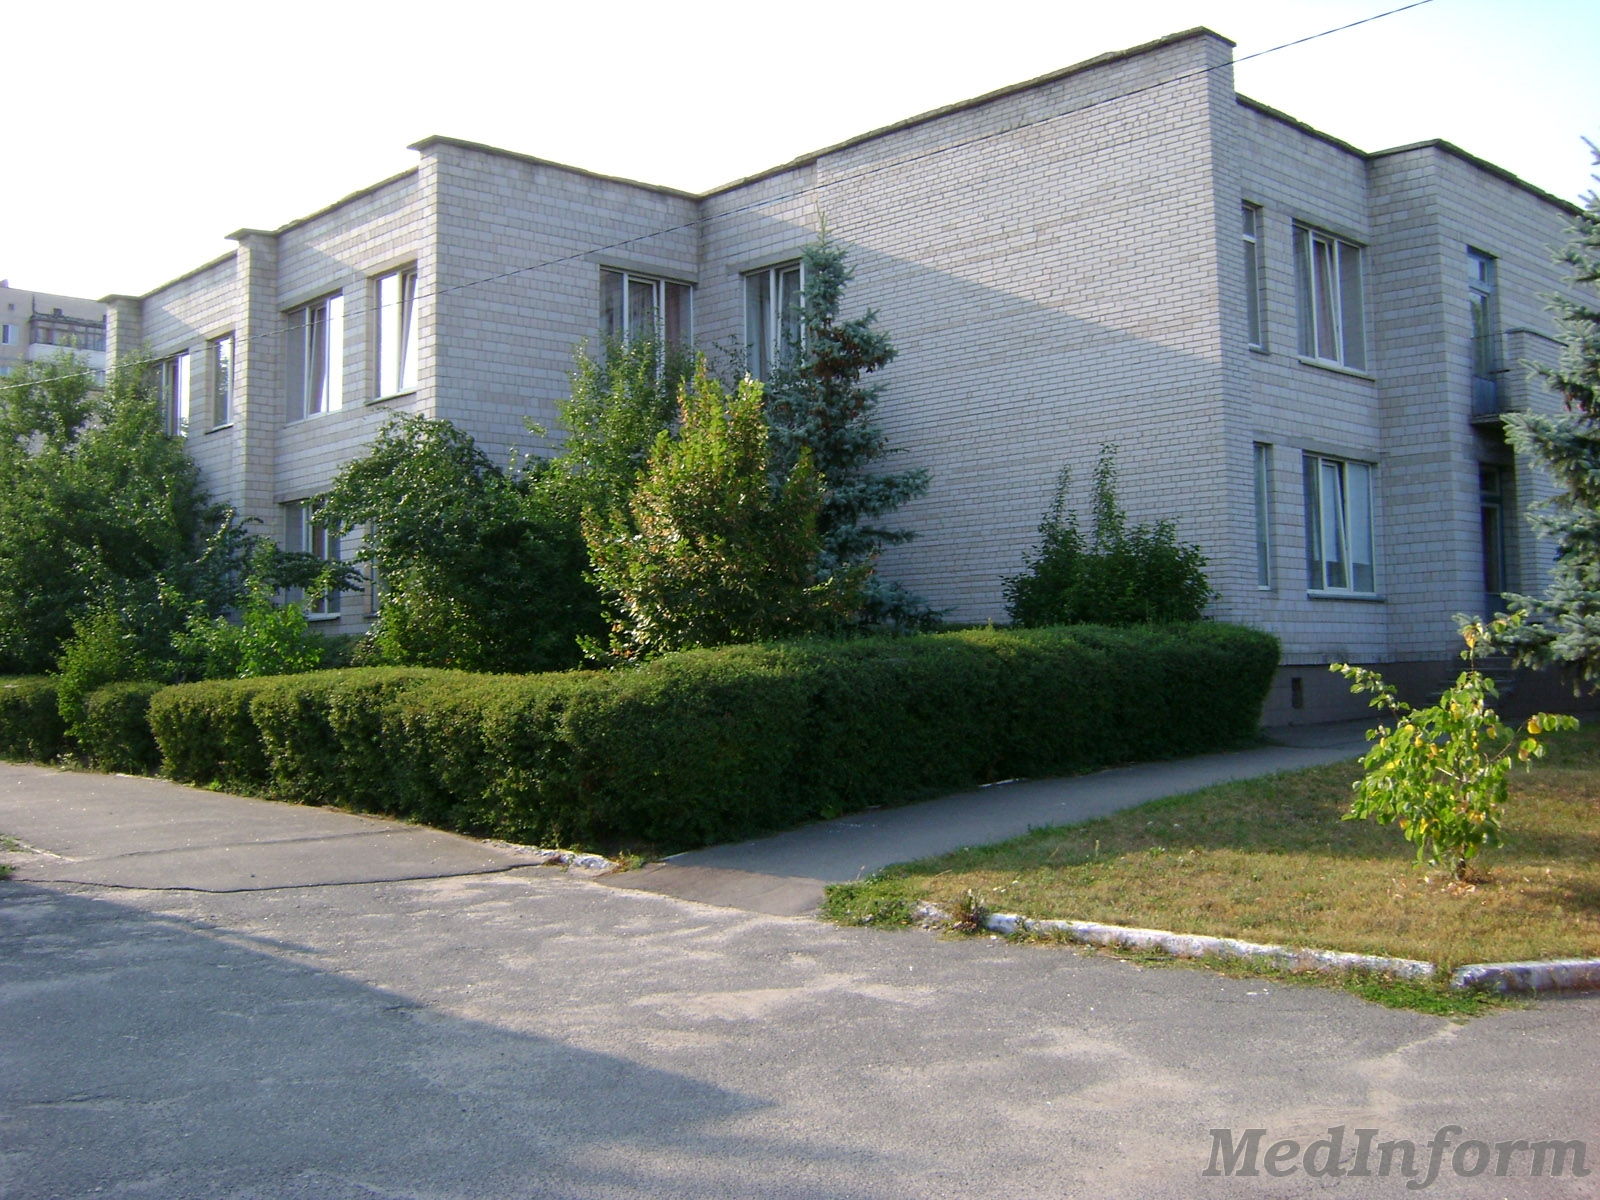 Поликлиника мвд чебоксары сайт официальный сайт